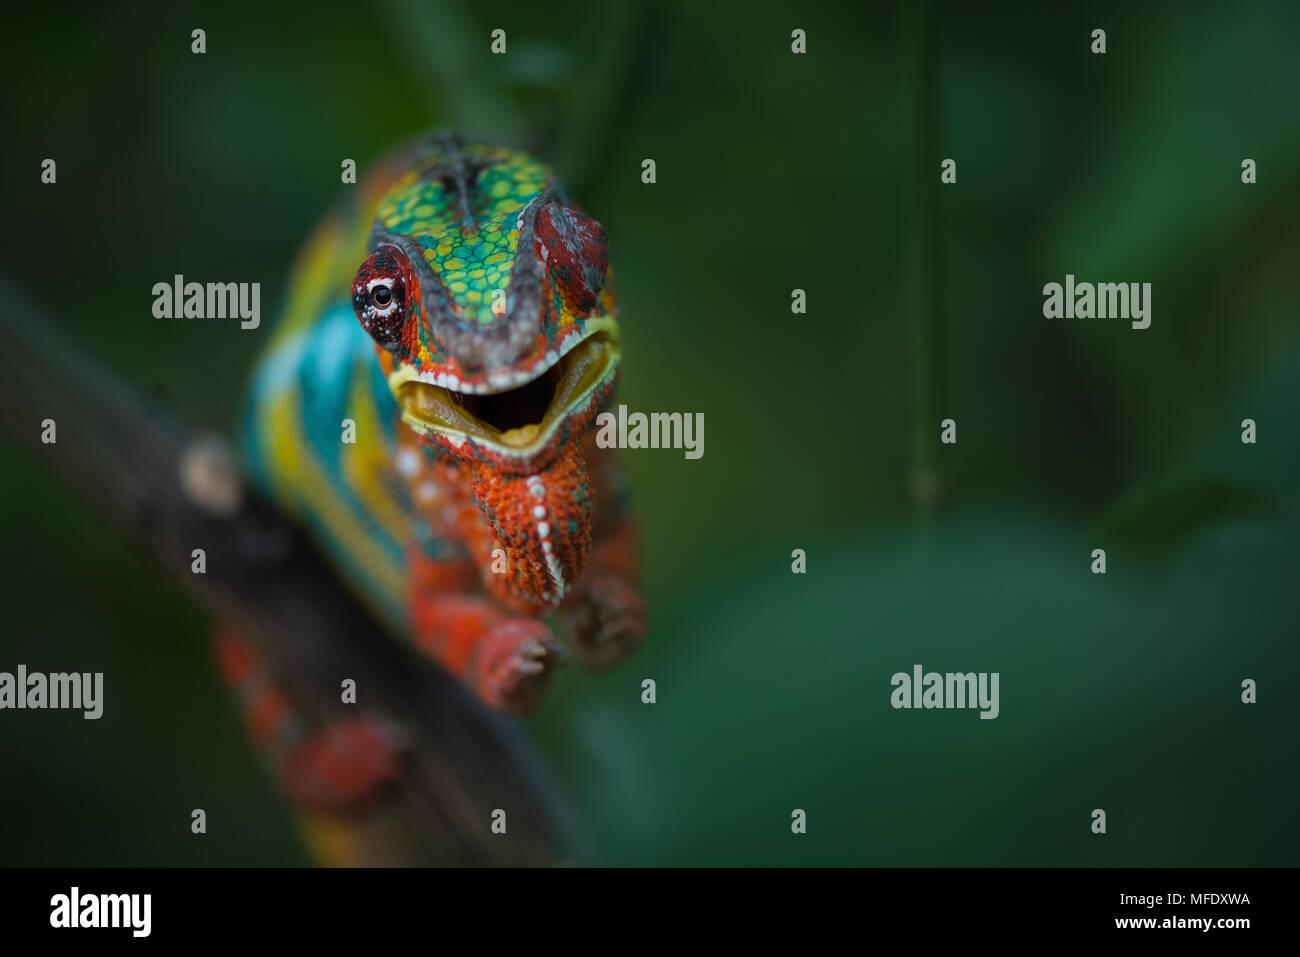 Panther chameleon mit hellen Farben / Furcifer pardalis/wütend zischend Chamäleon / Chameleon / Madagascar Wildlife Stockbild